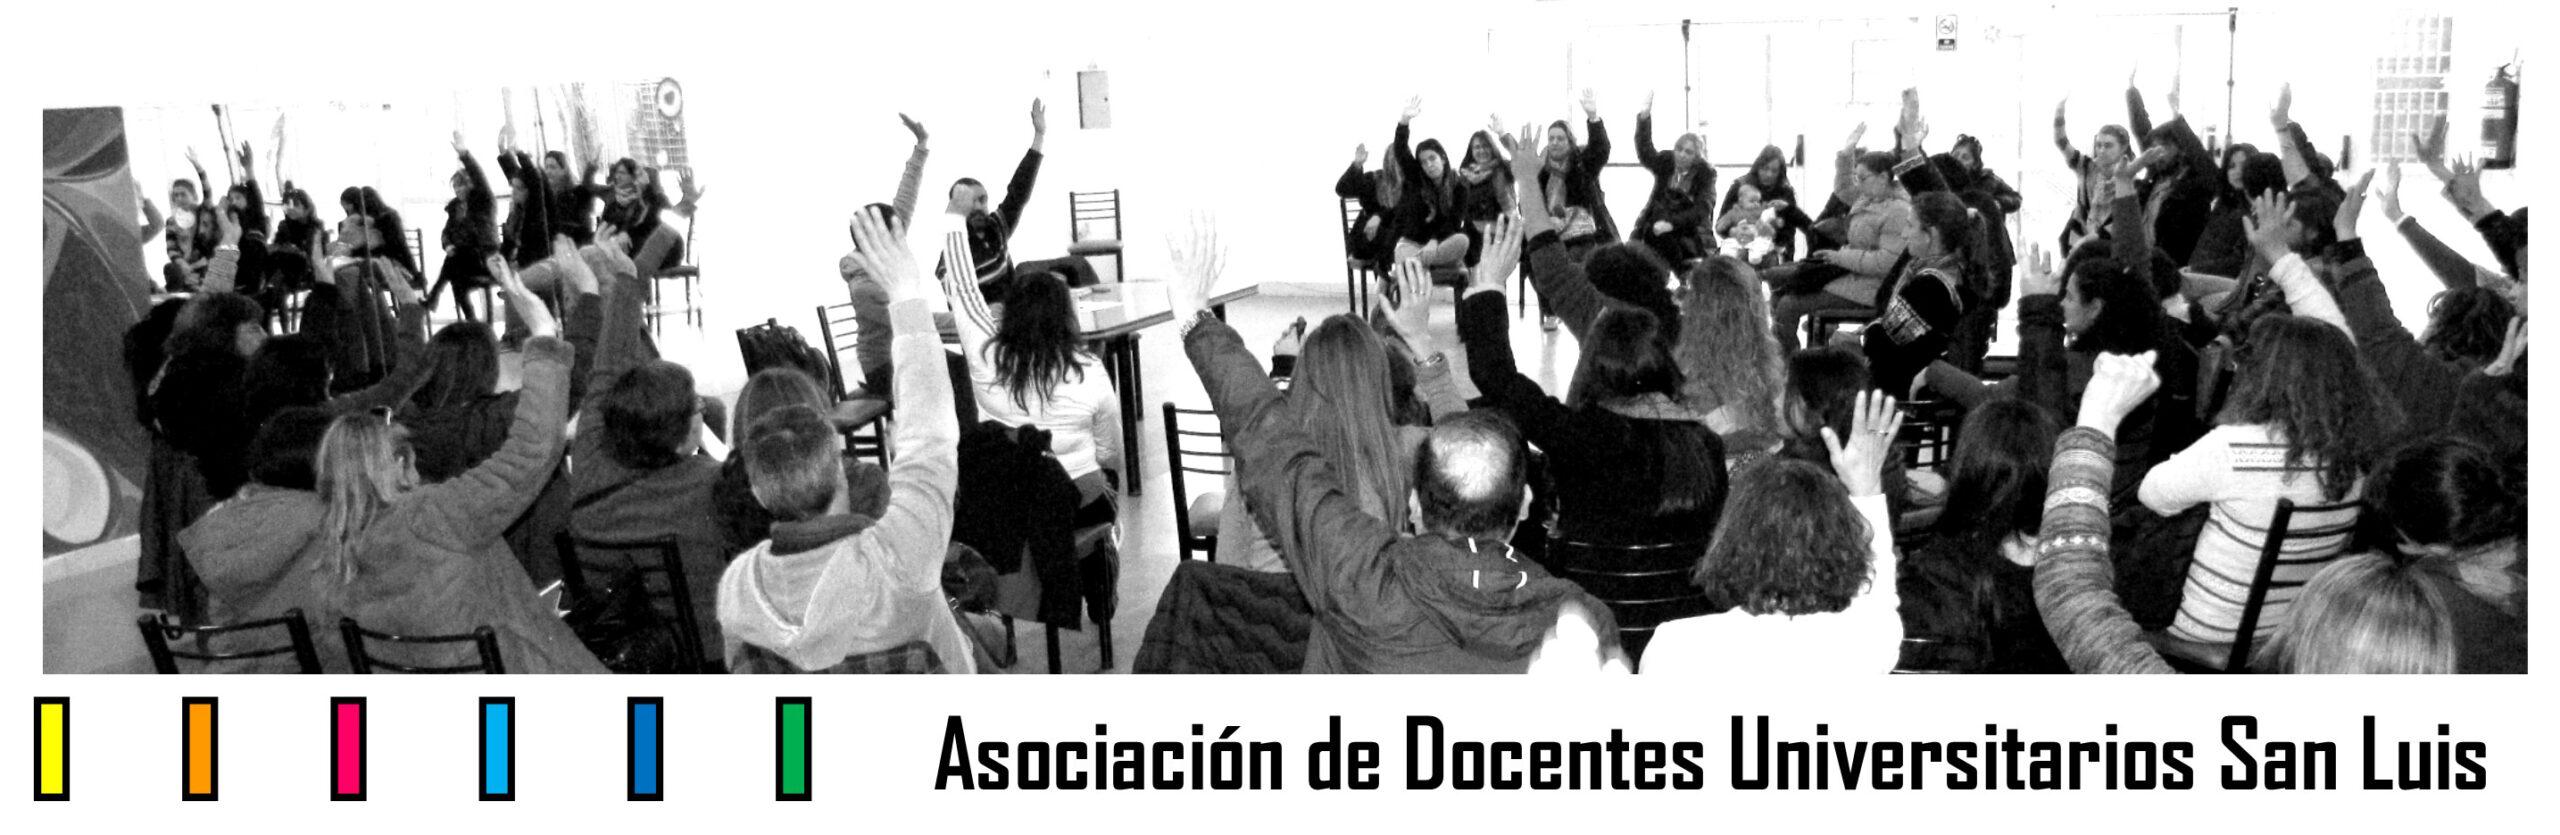 Asociación Docentes Universitarios San Luis